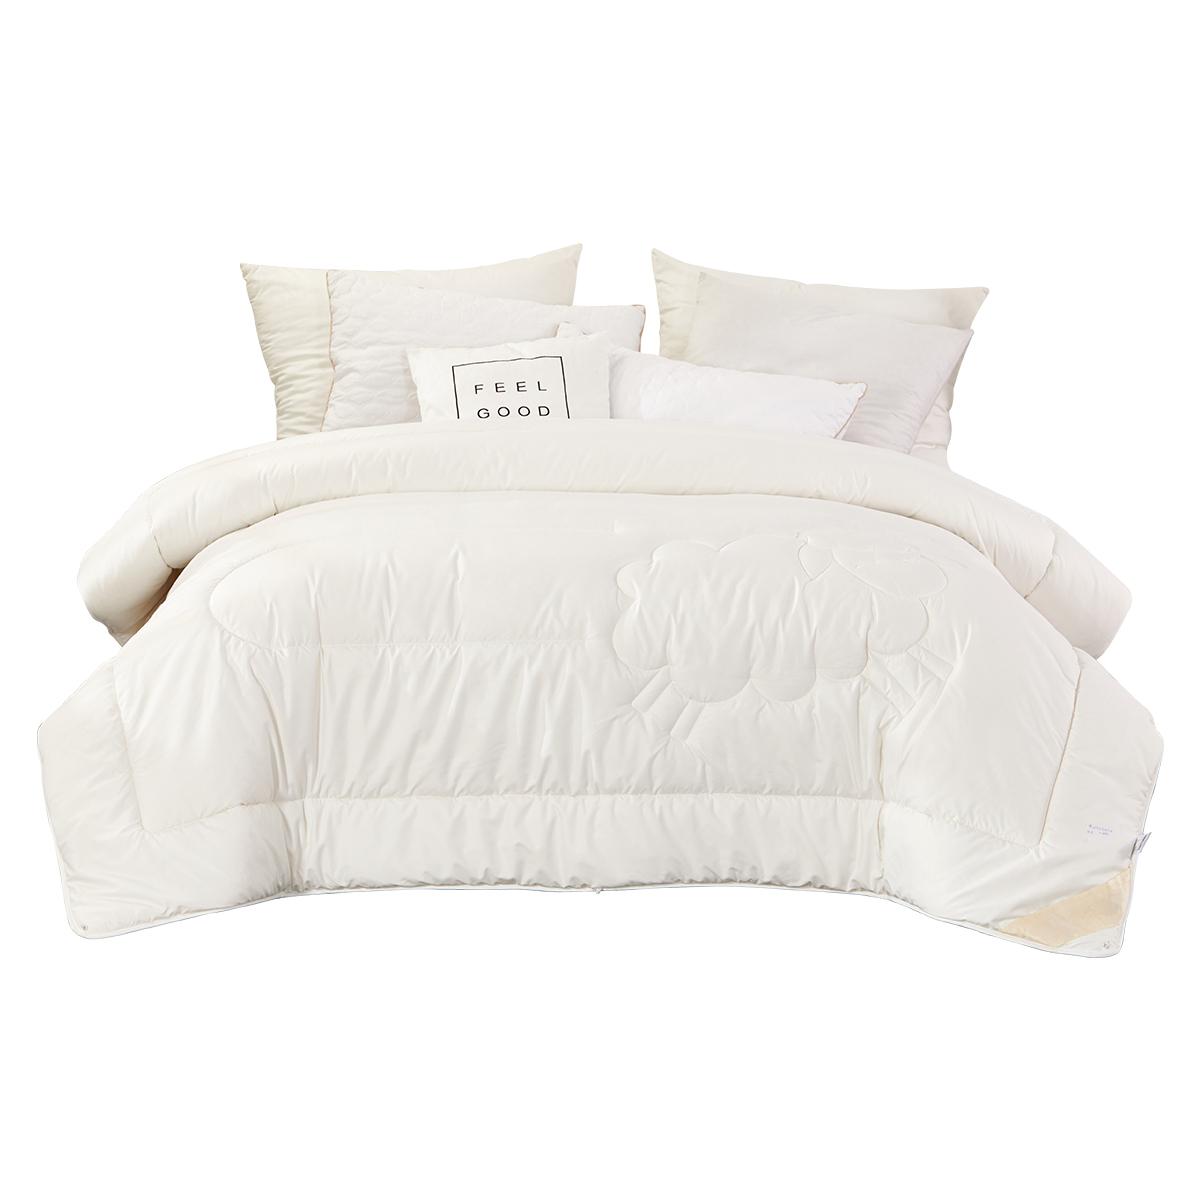 富安娜家纺被子冬厚被纯棉冬被单人1.5m双人1.8米床品被芯厚被褥